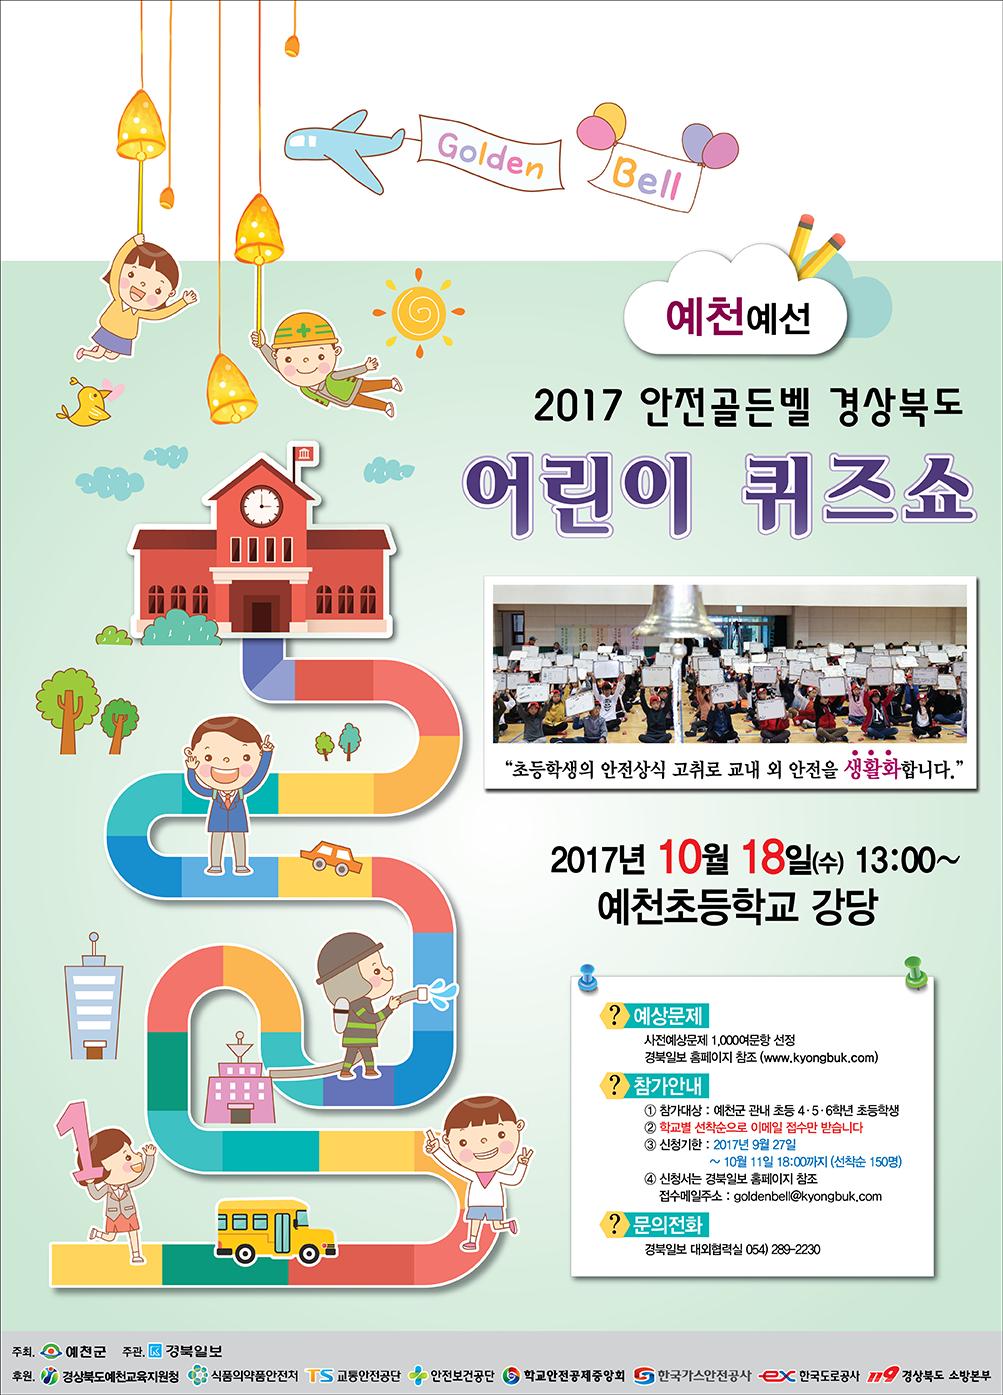 2017_안전골든벨경상북도어린이퀴즈쇼_예천예선_pop.png